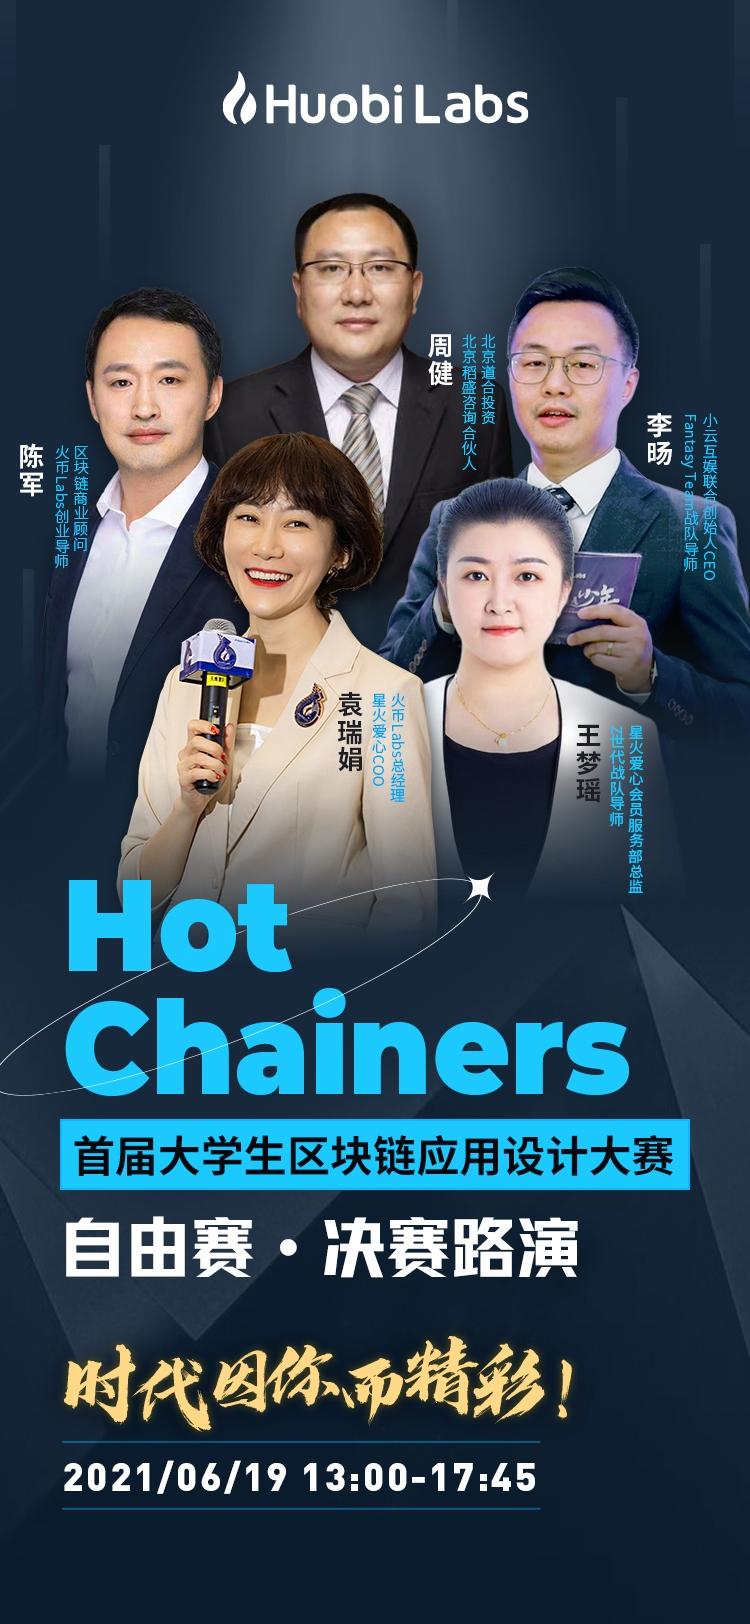 Hot Chainers 首届大学生区块链应用设计大赛·自由赛决赛路演将于6月19日举行